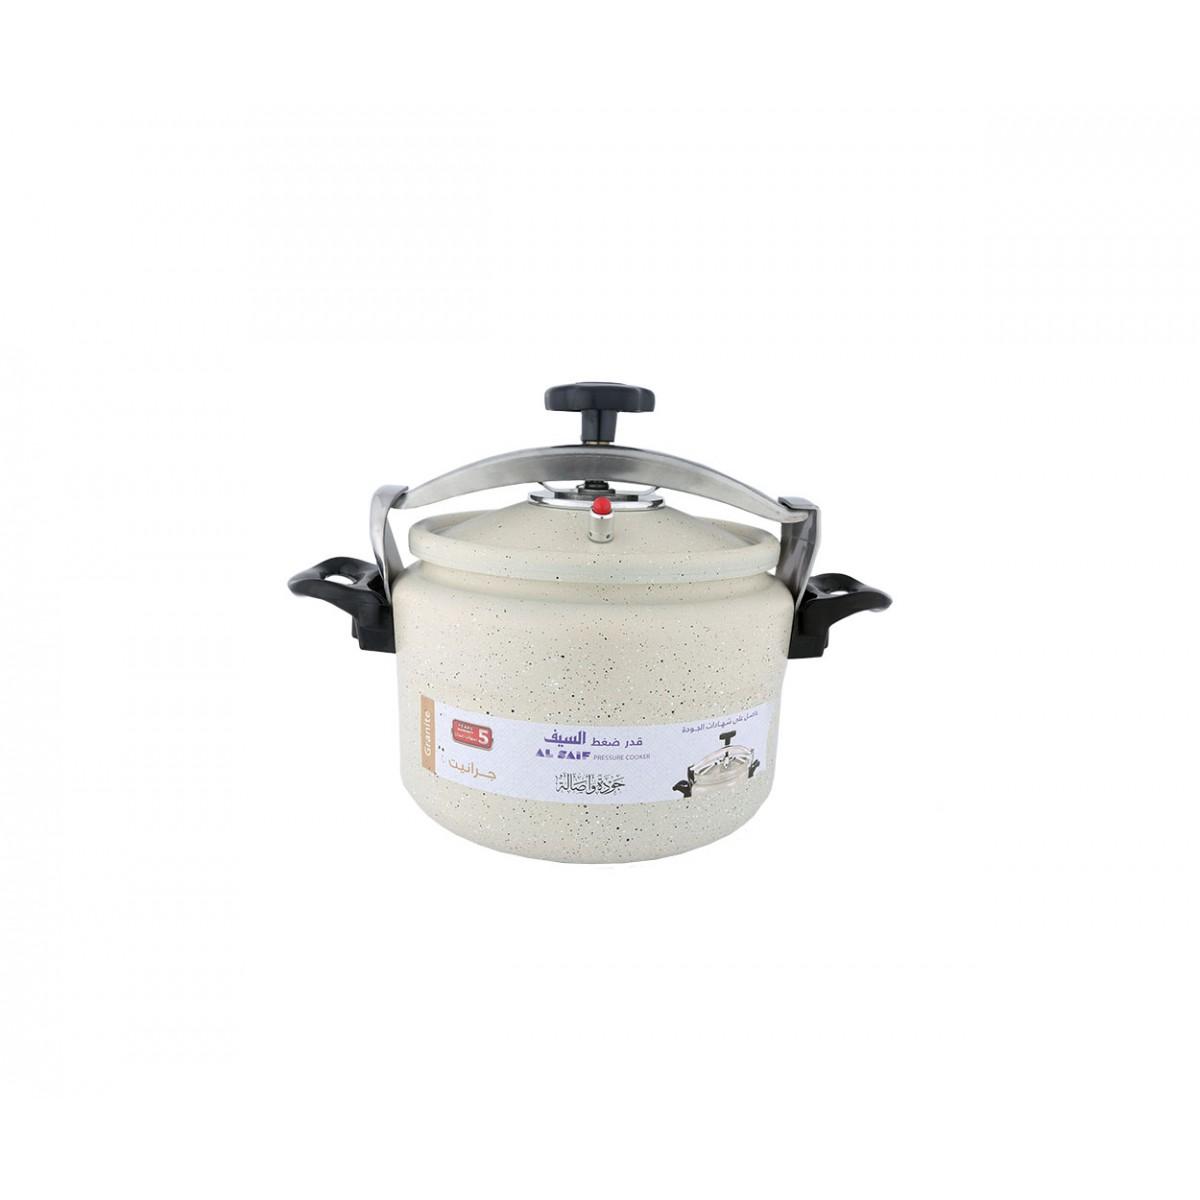 قدر  ضغط المنيوم جرانيت مقاس 5 لتر بيج موديل K98005/PW